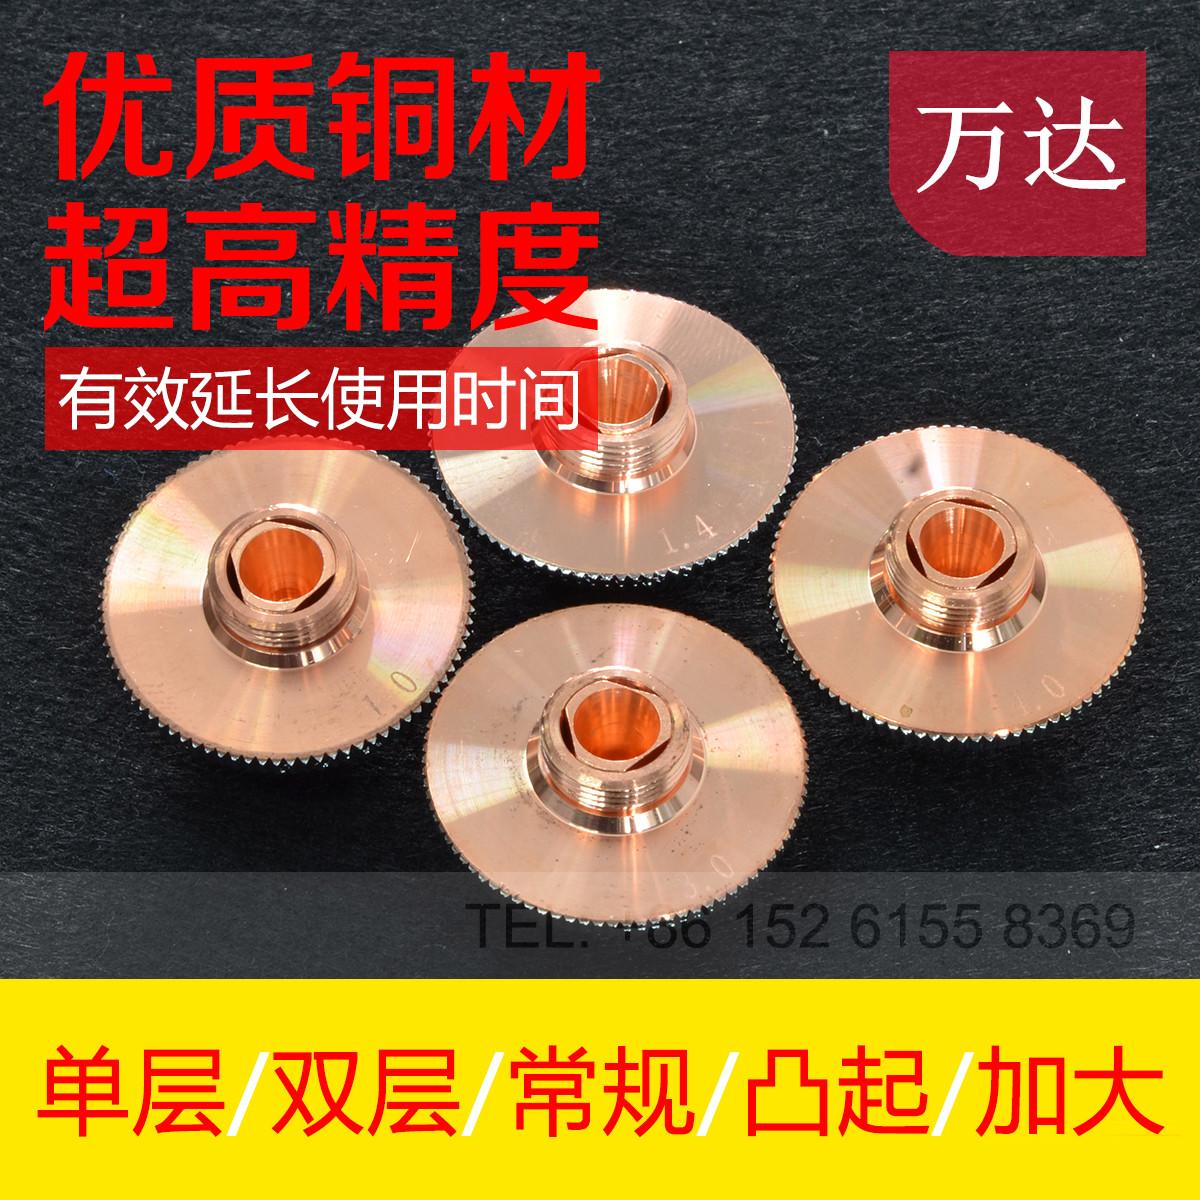 Точное сильное RayTooL диаметр сопла брызга 32mm вырезывания лазера режет рот